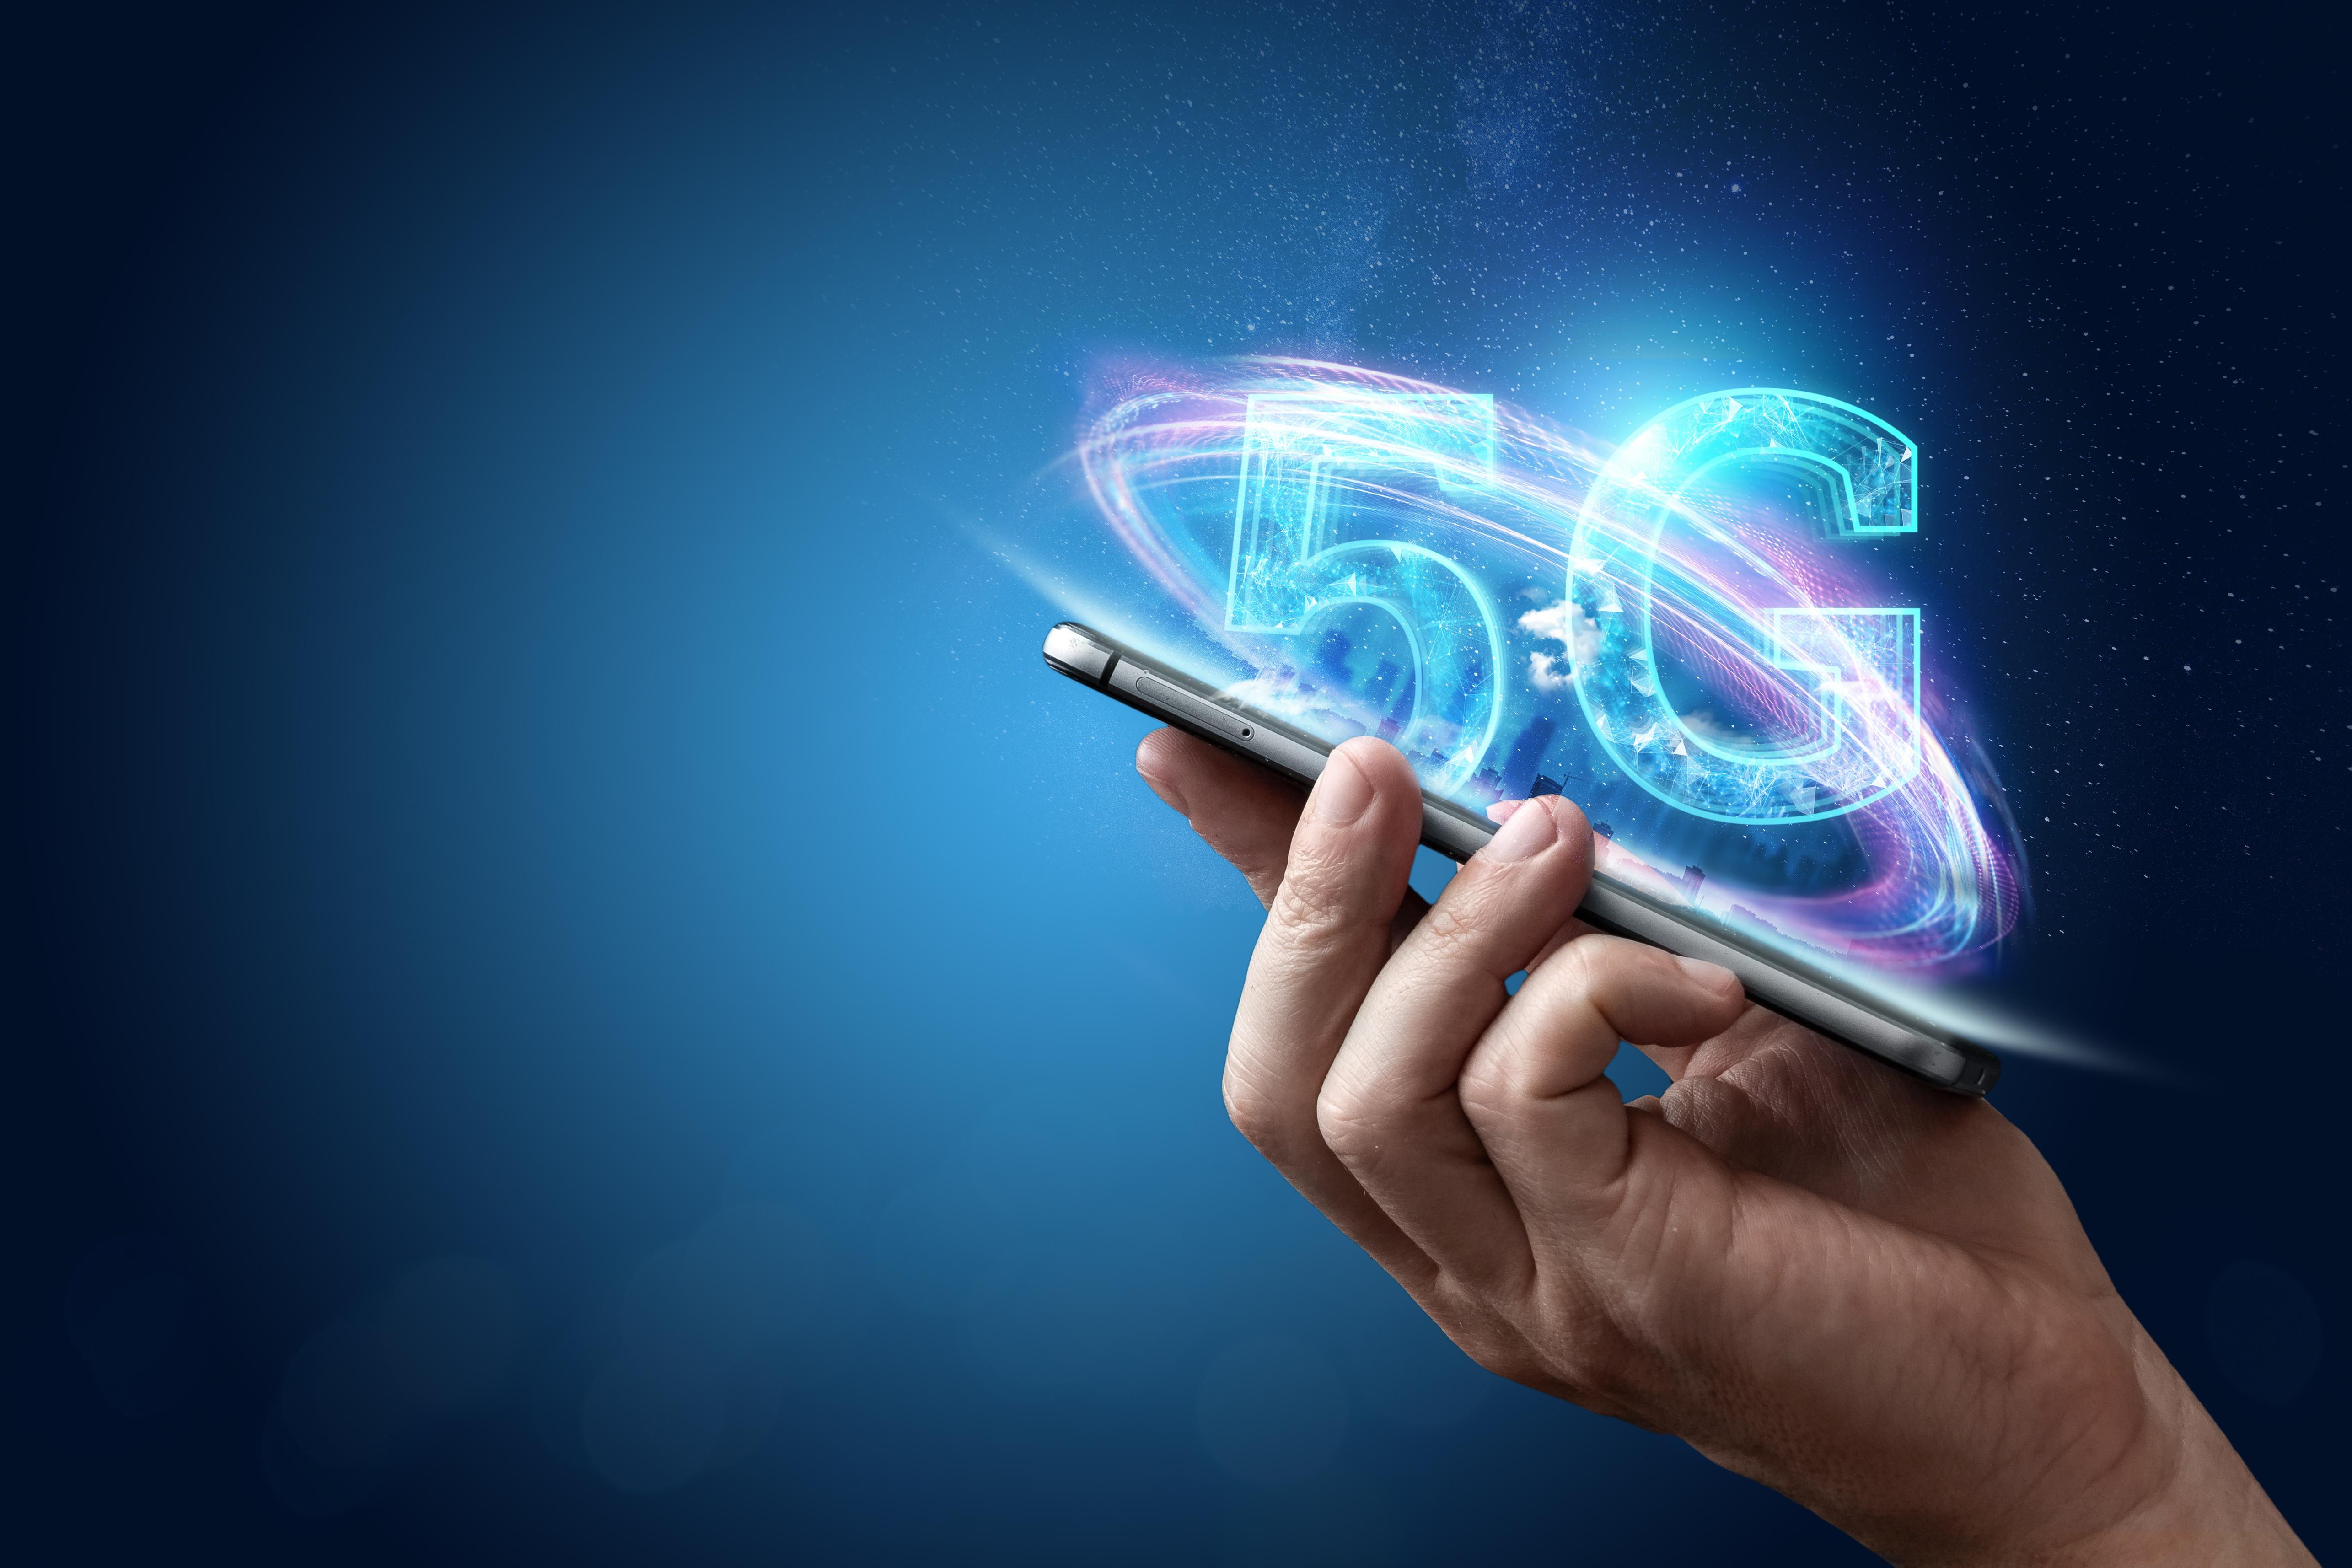 ANCOM vrea să organizeze licitația pentru 5G în trimestrul II din 2021, deși trebuia să aibă loc în 2019